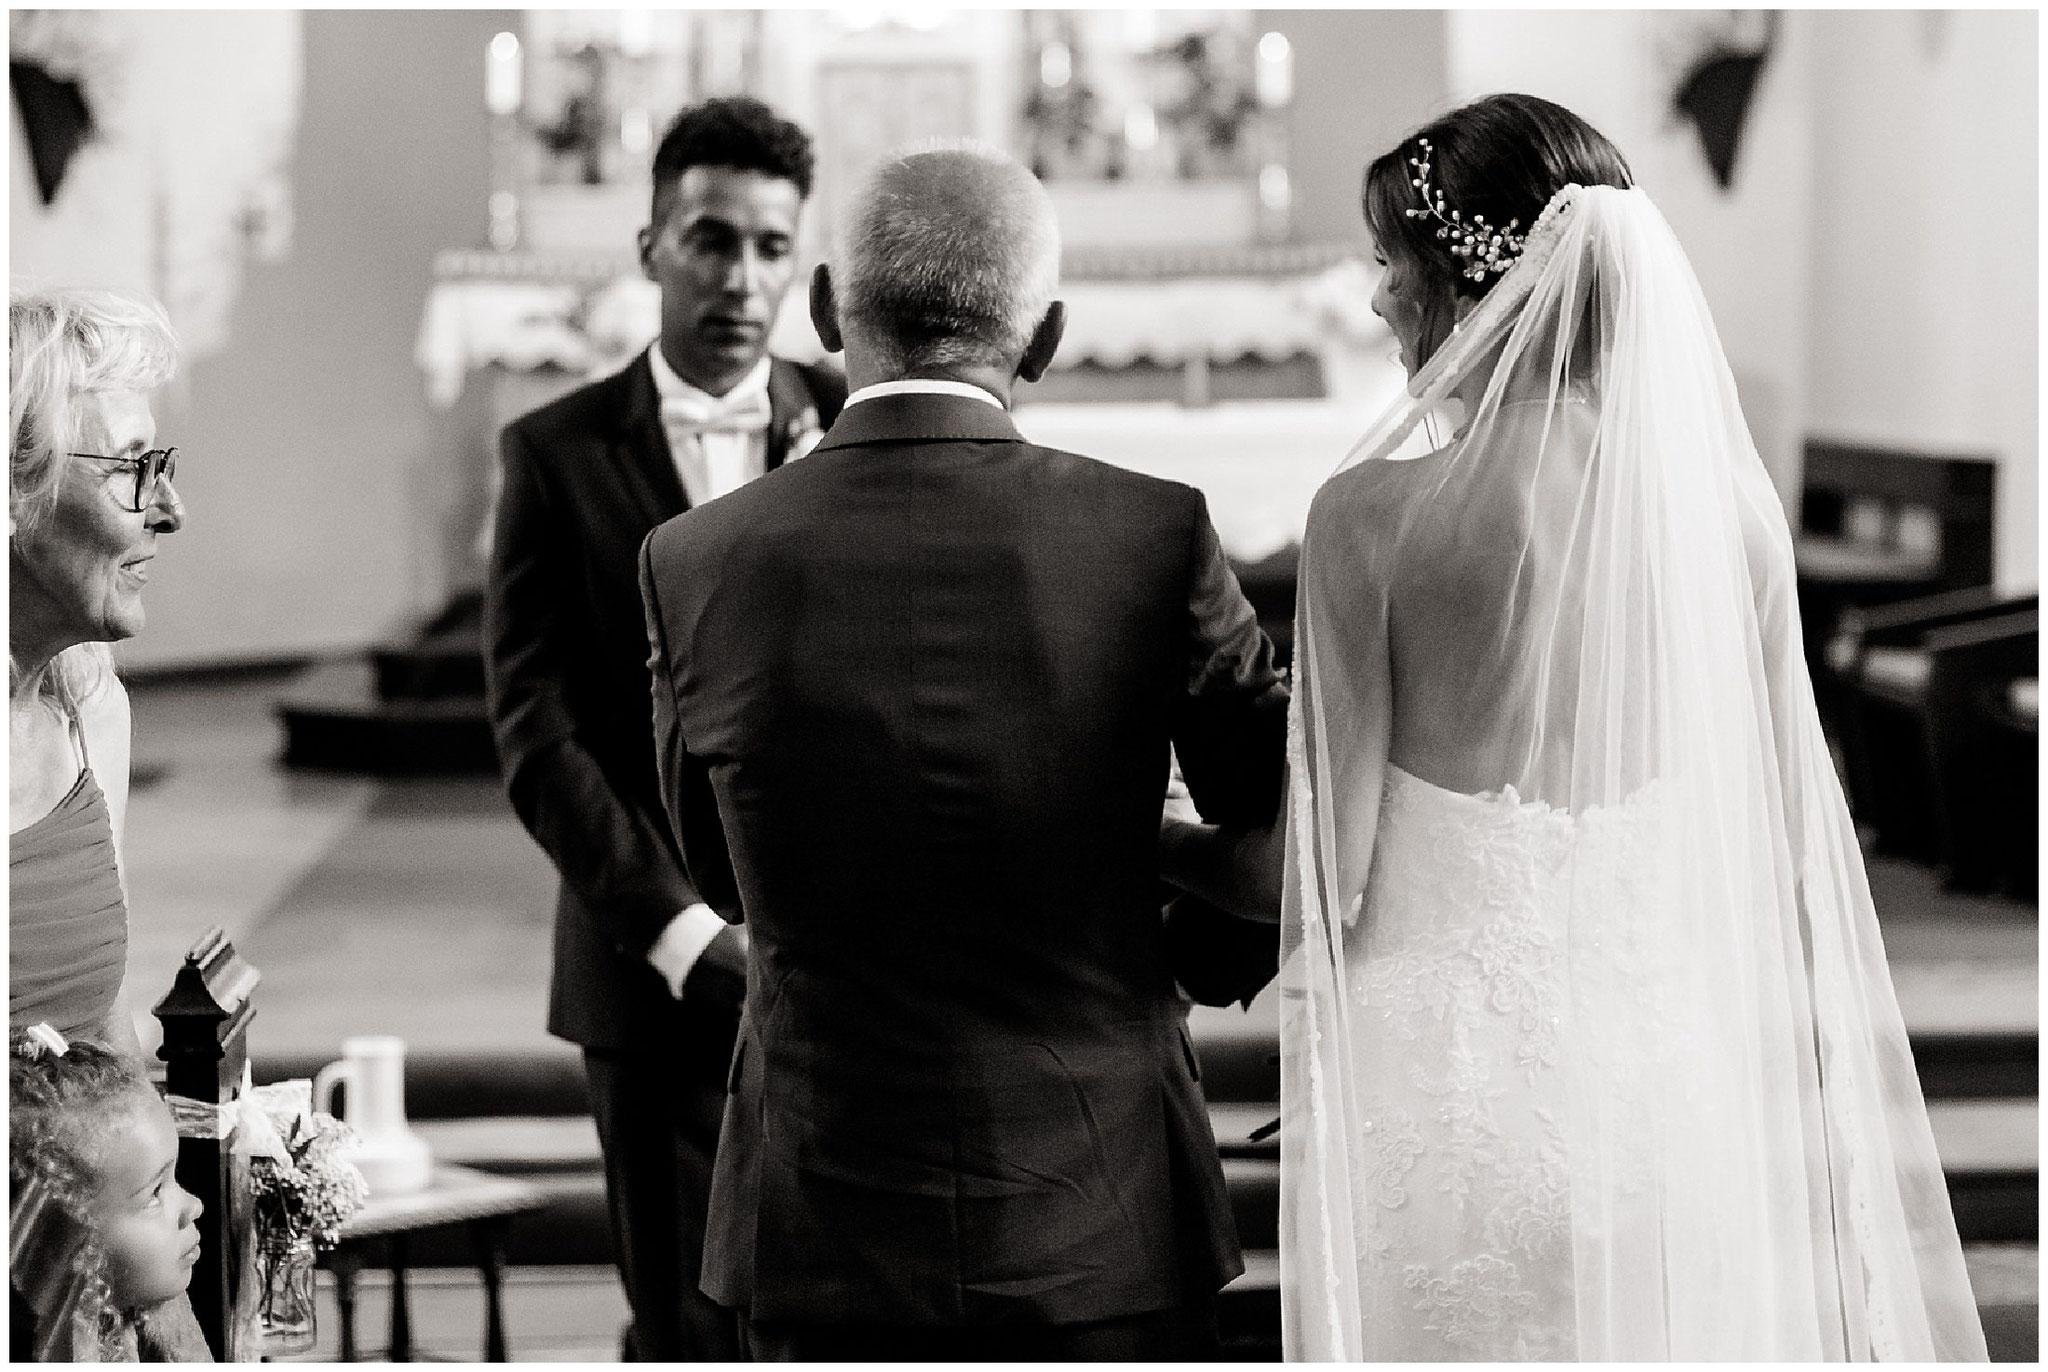 Brautvater übergibt braut ihrem zukünftigen Ehemann hochzeitsfotograf Engelskirchen industrial chic hochzeit fine art wedding Galerie Hammerwerk jane weber